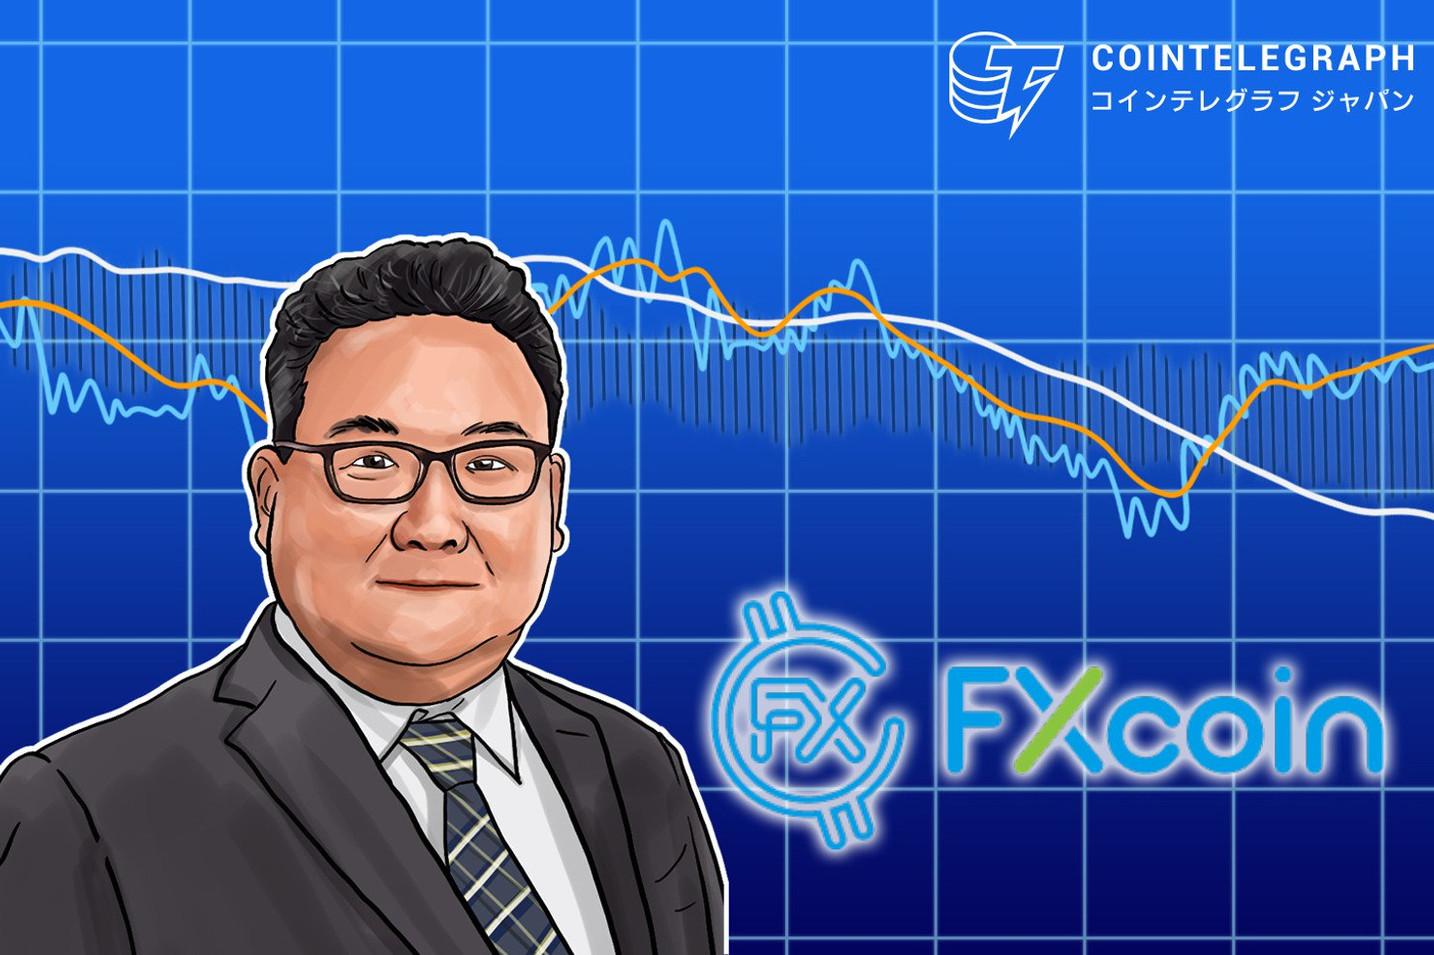 XRPが先導したビットコインの反発。今日はETHに注目か【朝の仮想通貨市況】